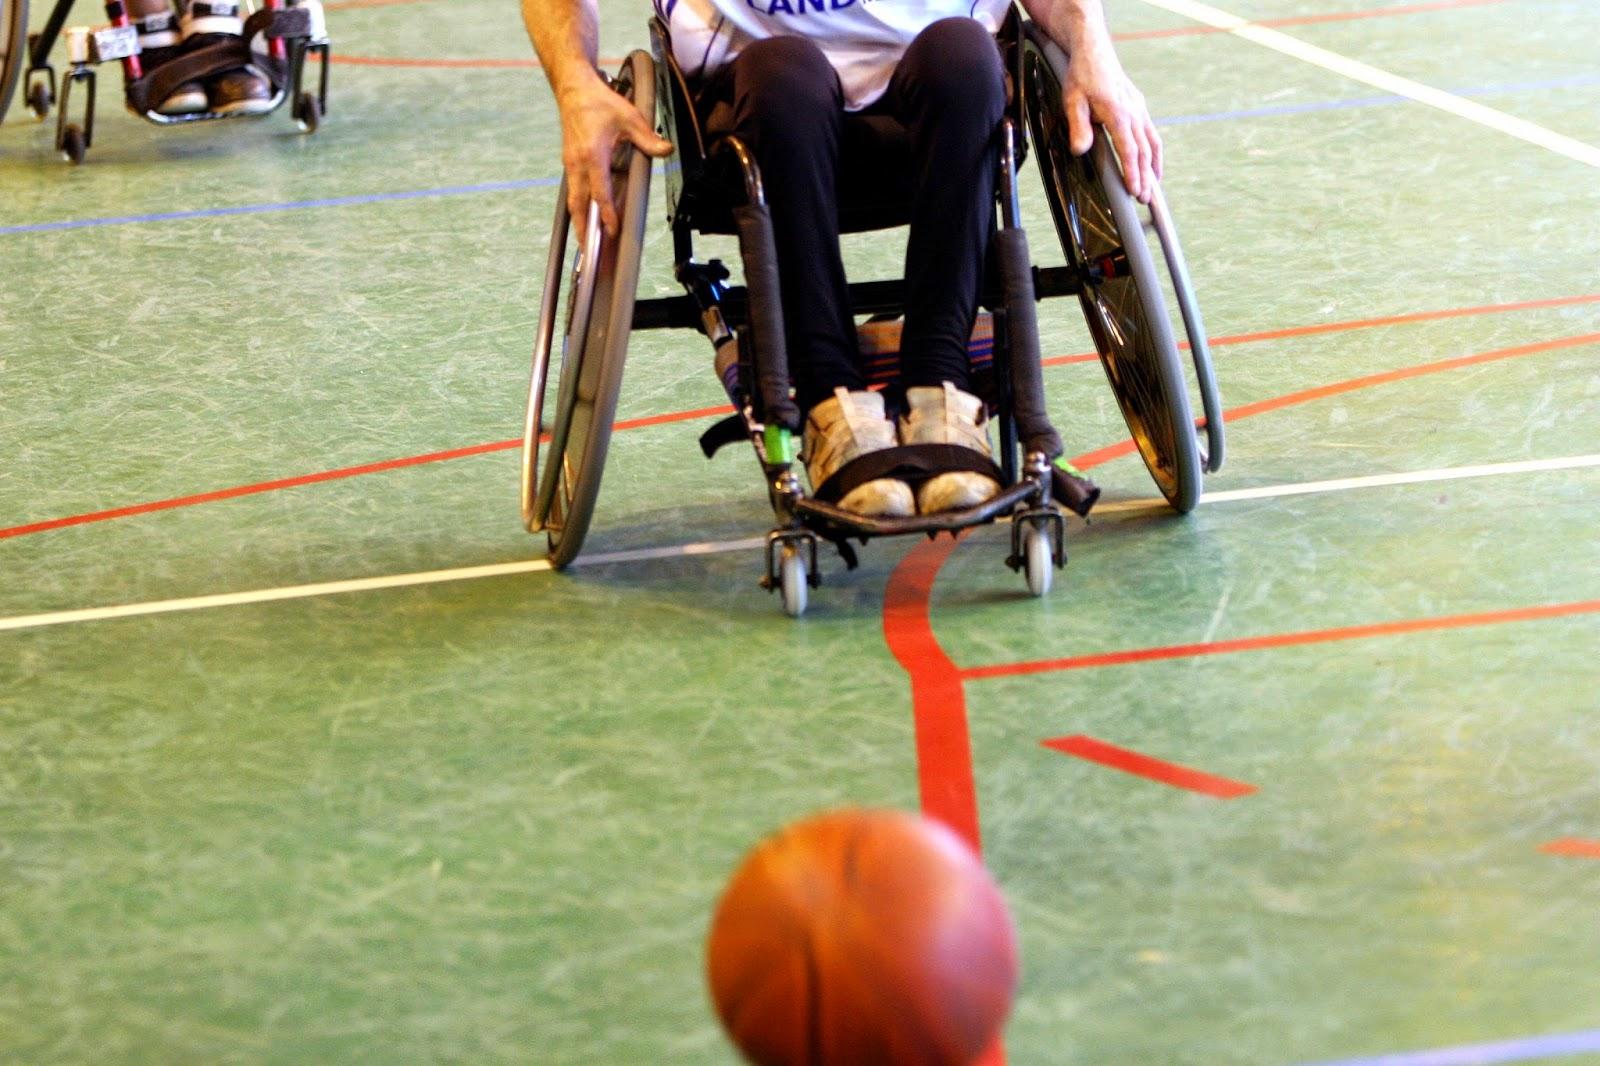 heter det funktionshinder eller funktionsnedsättning